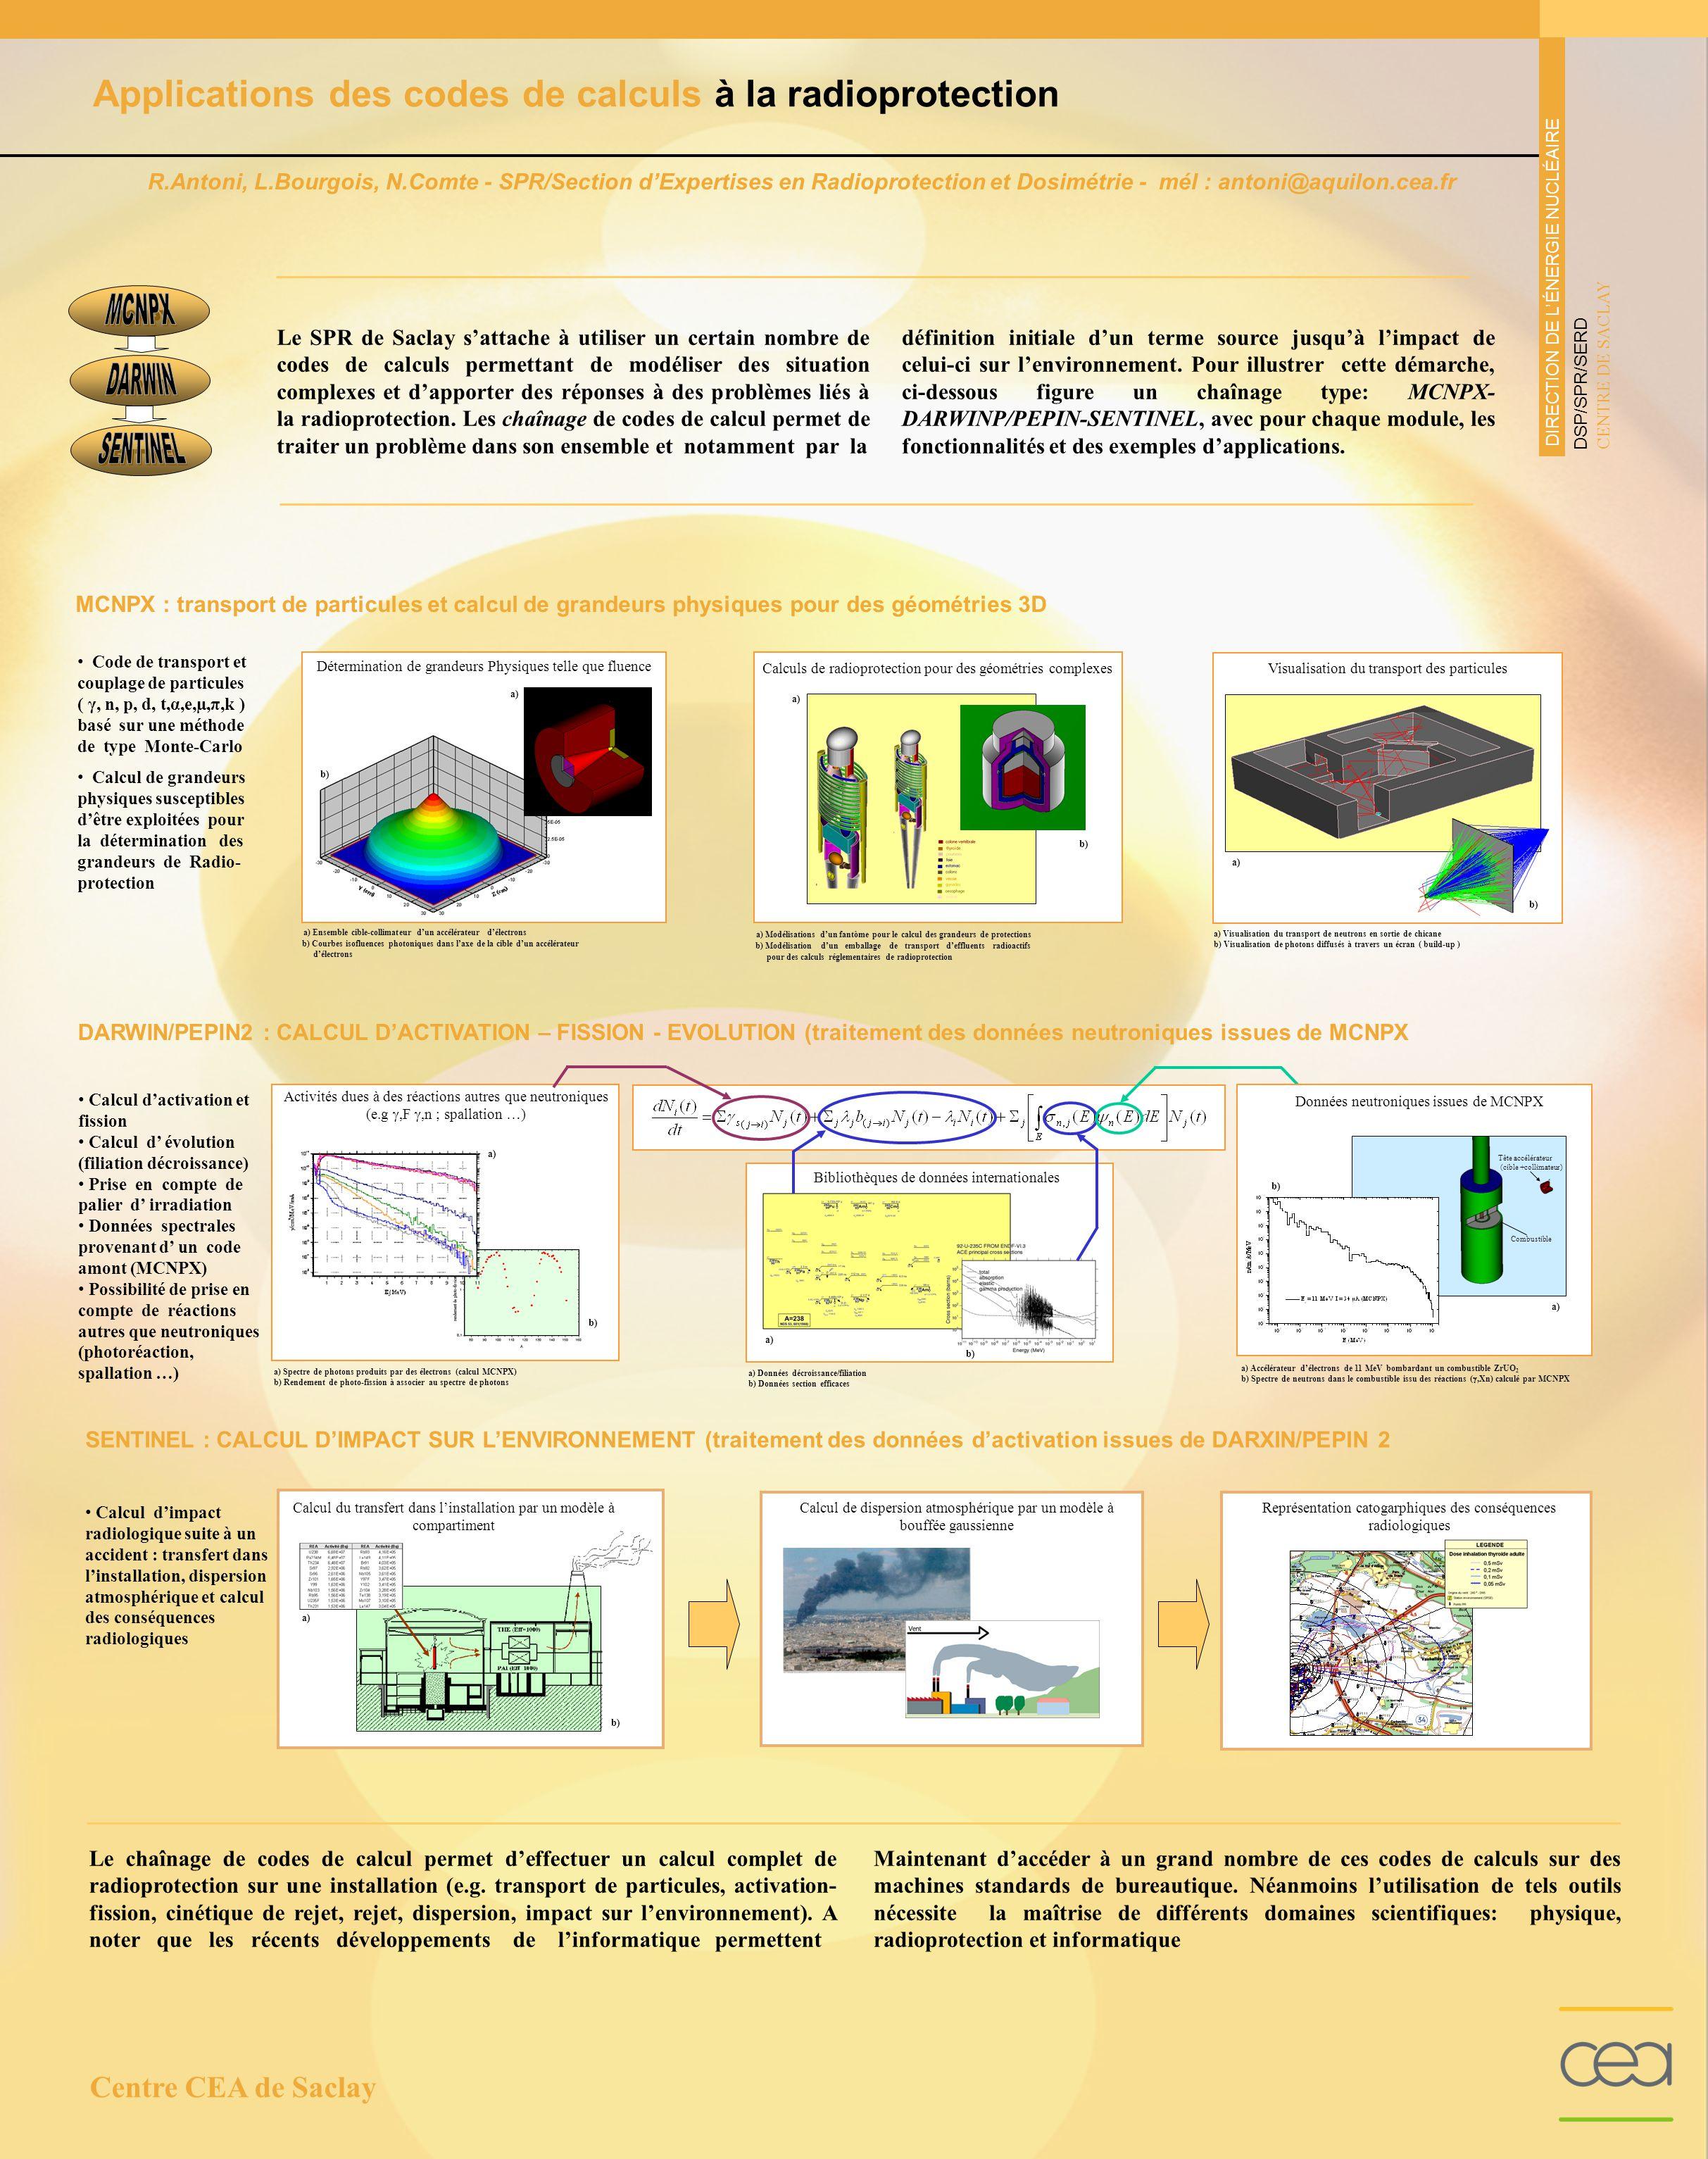 a) Ensemble cible-collimateur d'un accélérateur d'électrons